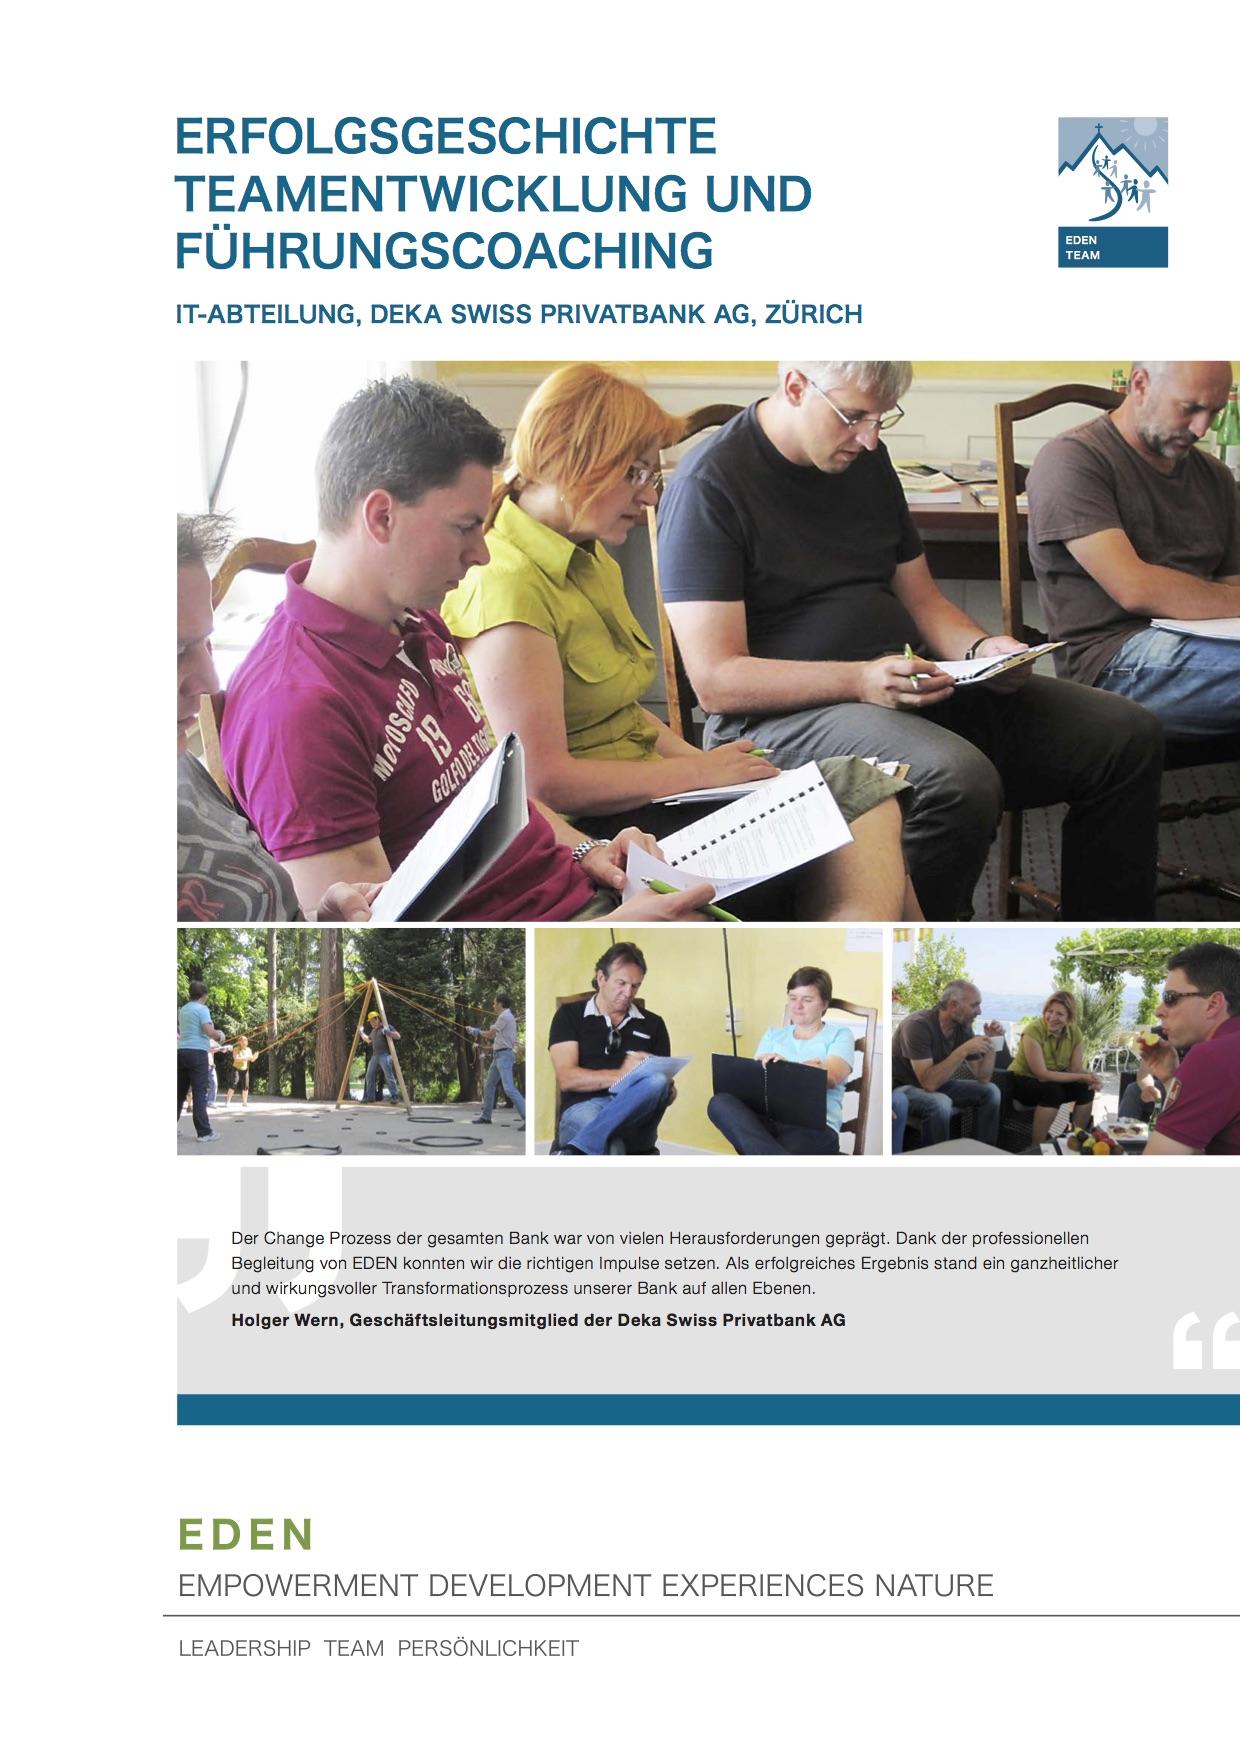 team_teamentwicklung_fuehrungscoaching_eg_itdeka